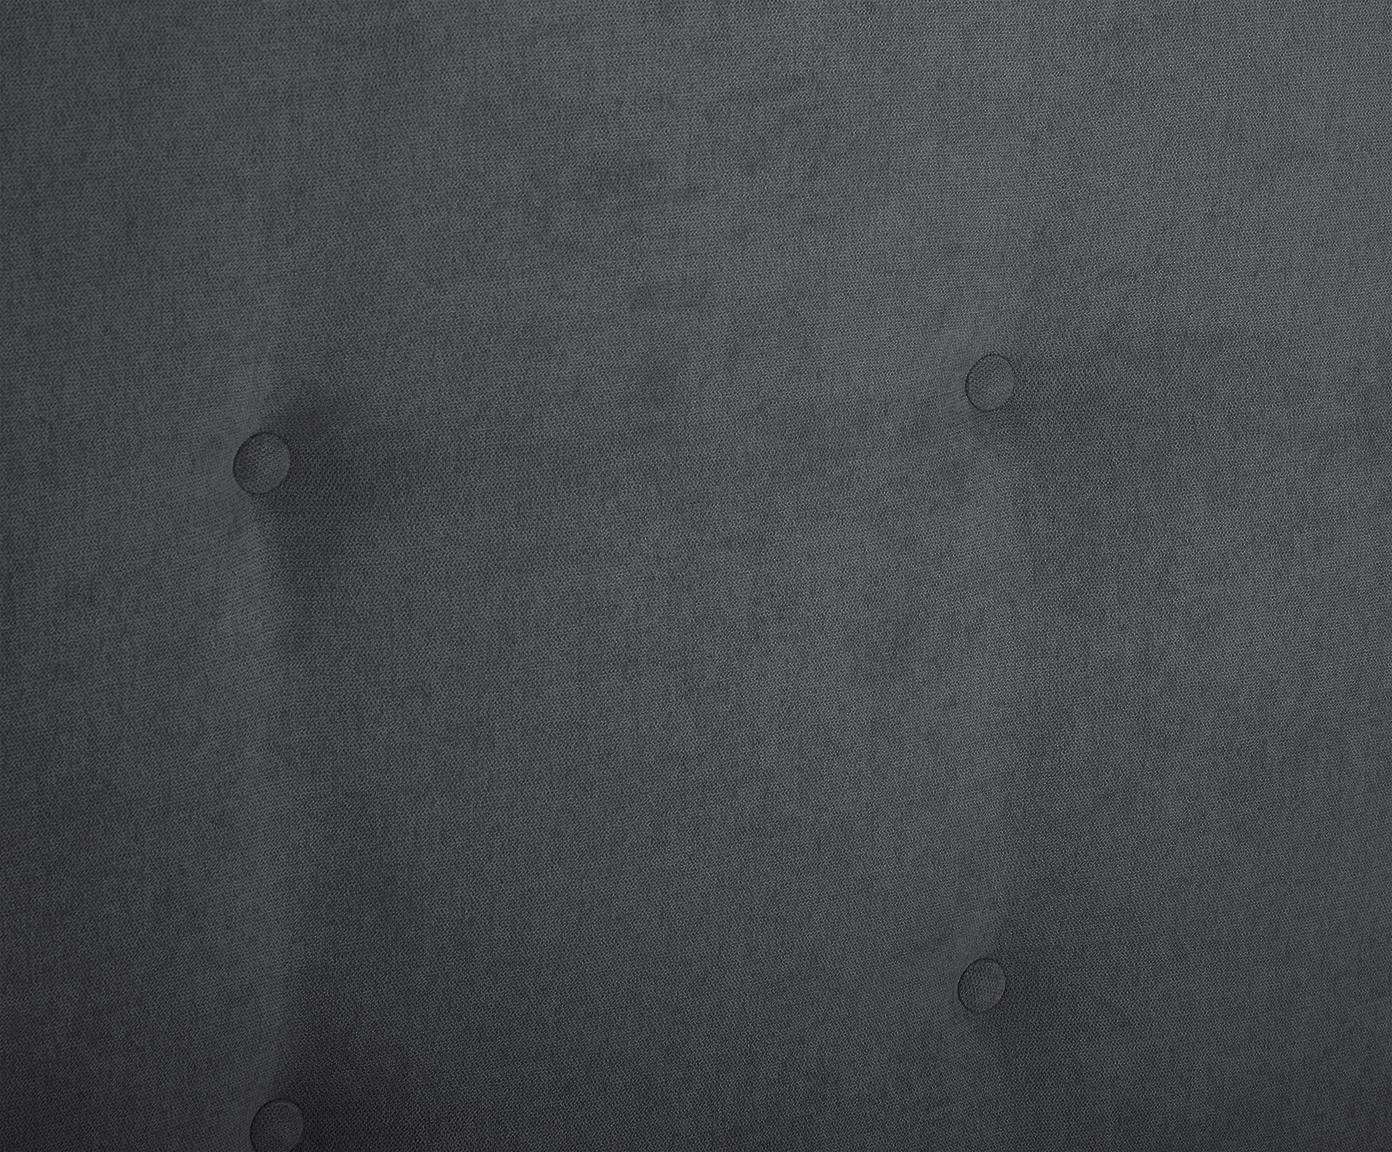 Letto matrimoniale imbottito Star, Rivestimento: velluto di poliestere 40., Grigio scuro, 180 x 200 cm